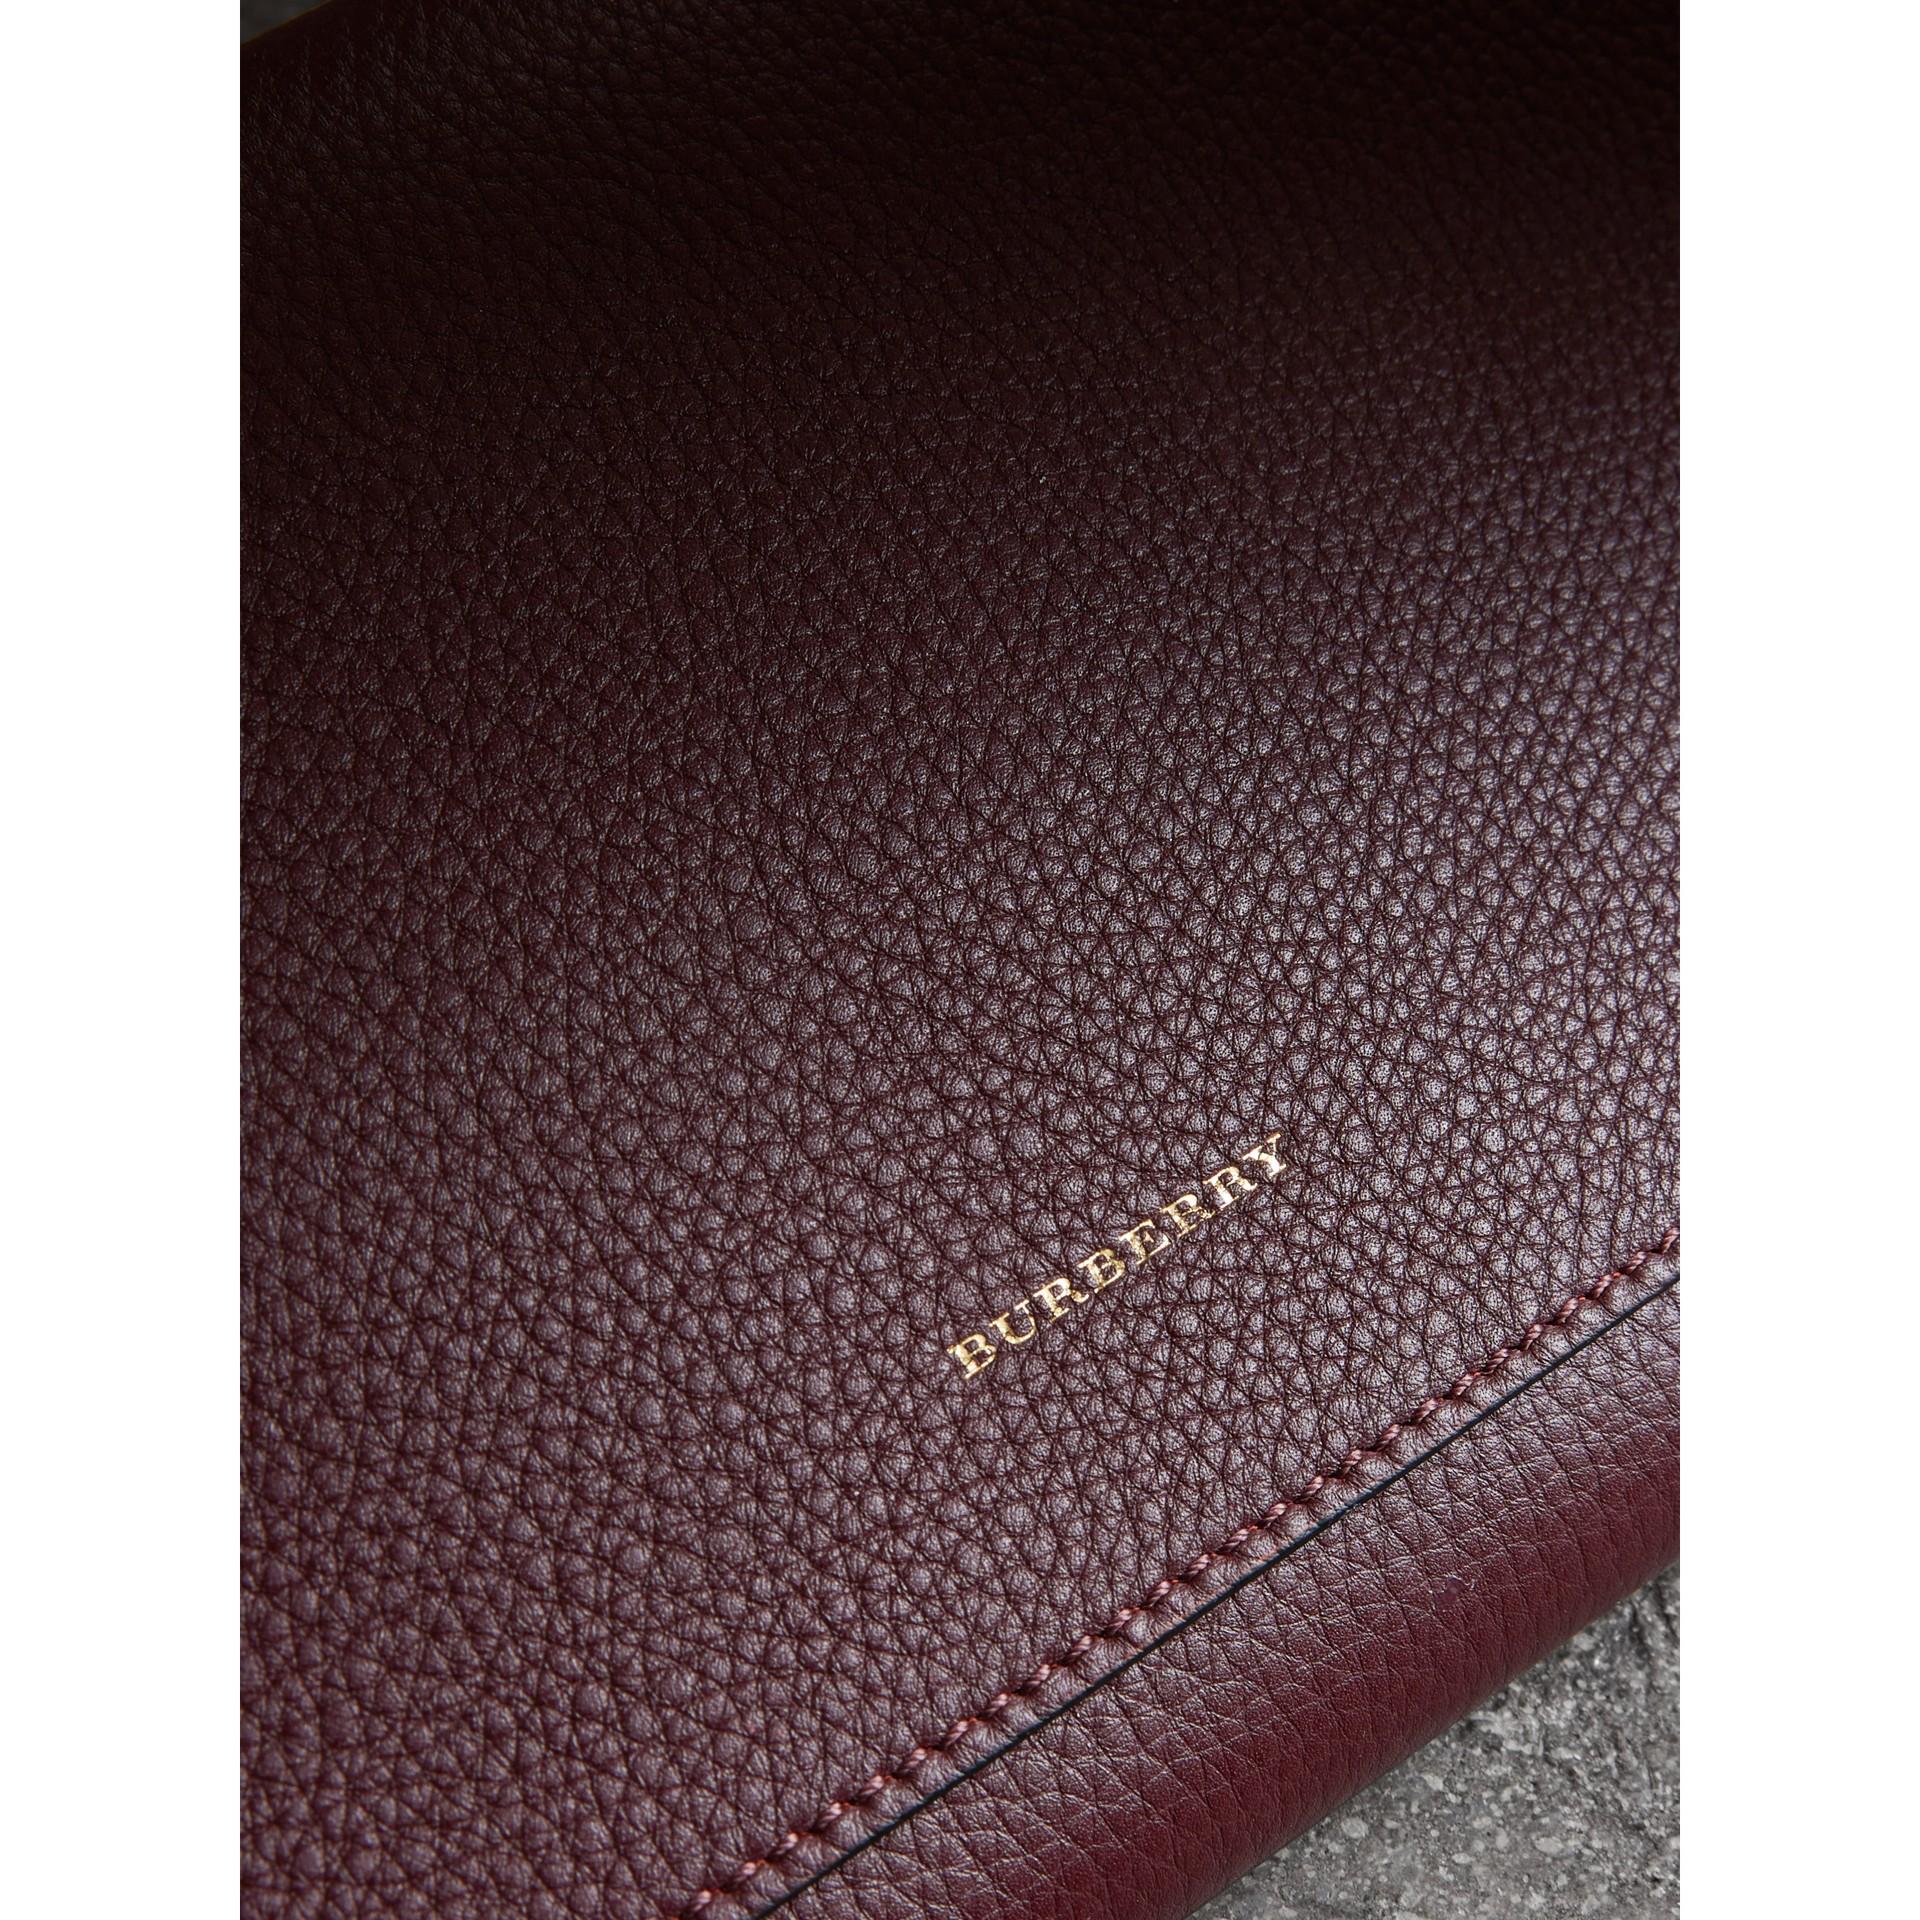 Pochette in pelle bicolore con cinturino (Rosso Violetto Intenso) - Donna | Burberry - immagine della galleria 1